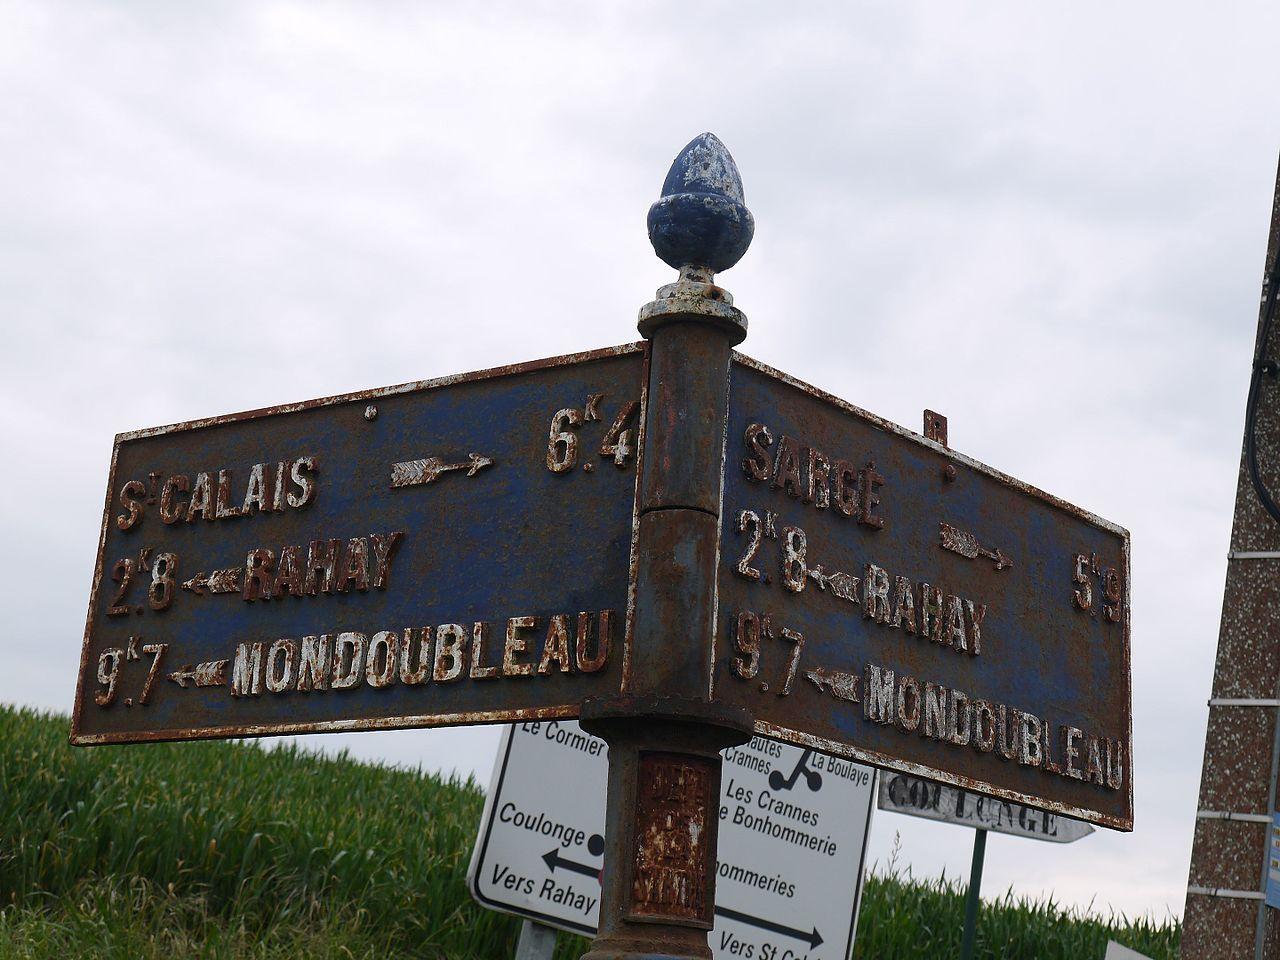 Rahay, lieu dit Les Bonhommeries sur la D135 - Plaque de cocher - Saint Calais - Rahay - Mondoubleau - Sargé - Rahay - Mondoubleau (Source Internet, Simon de l'Ouest)